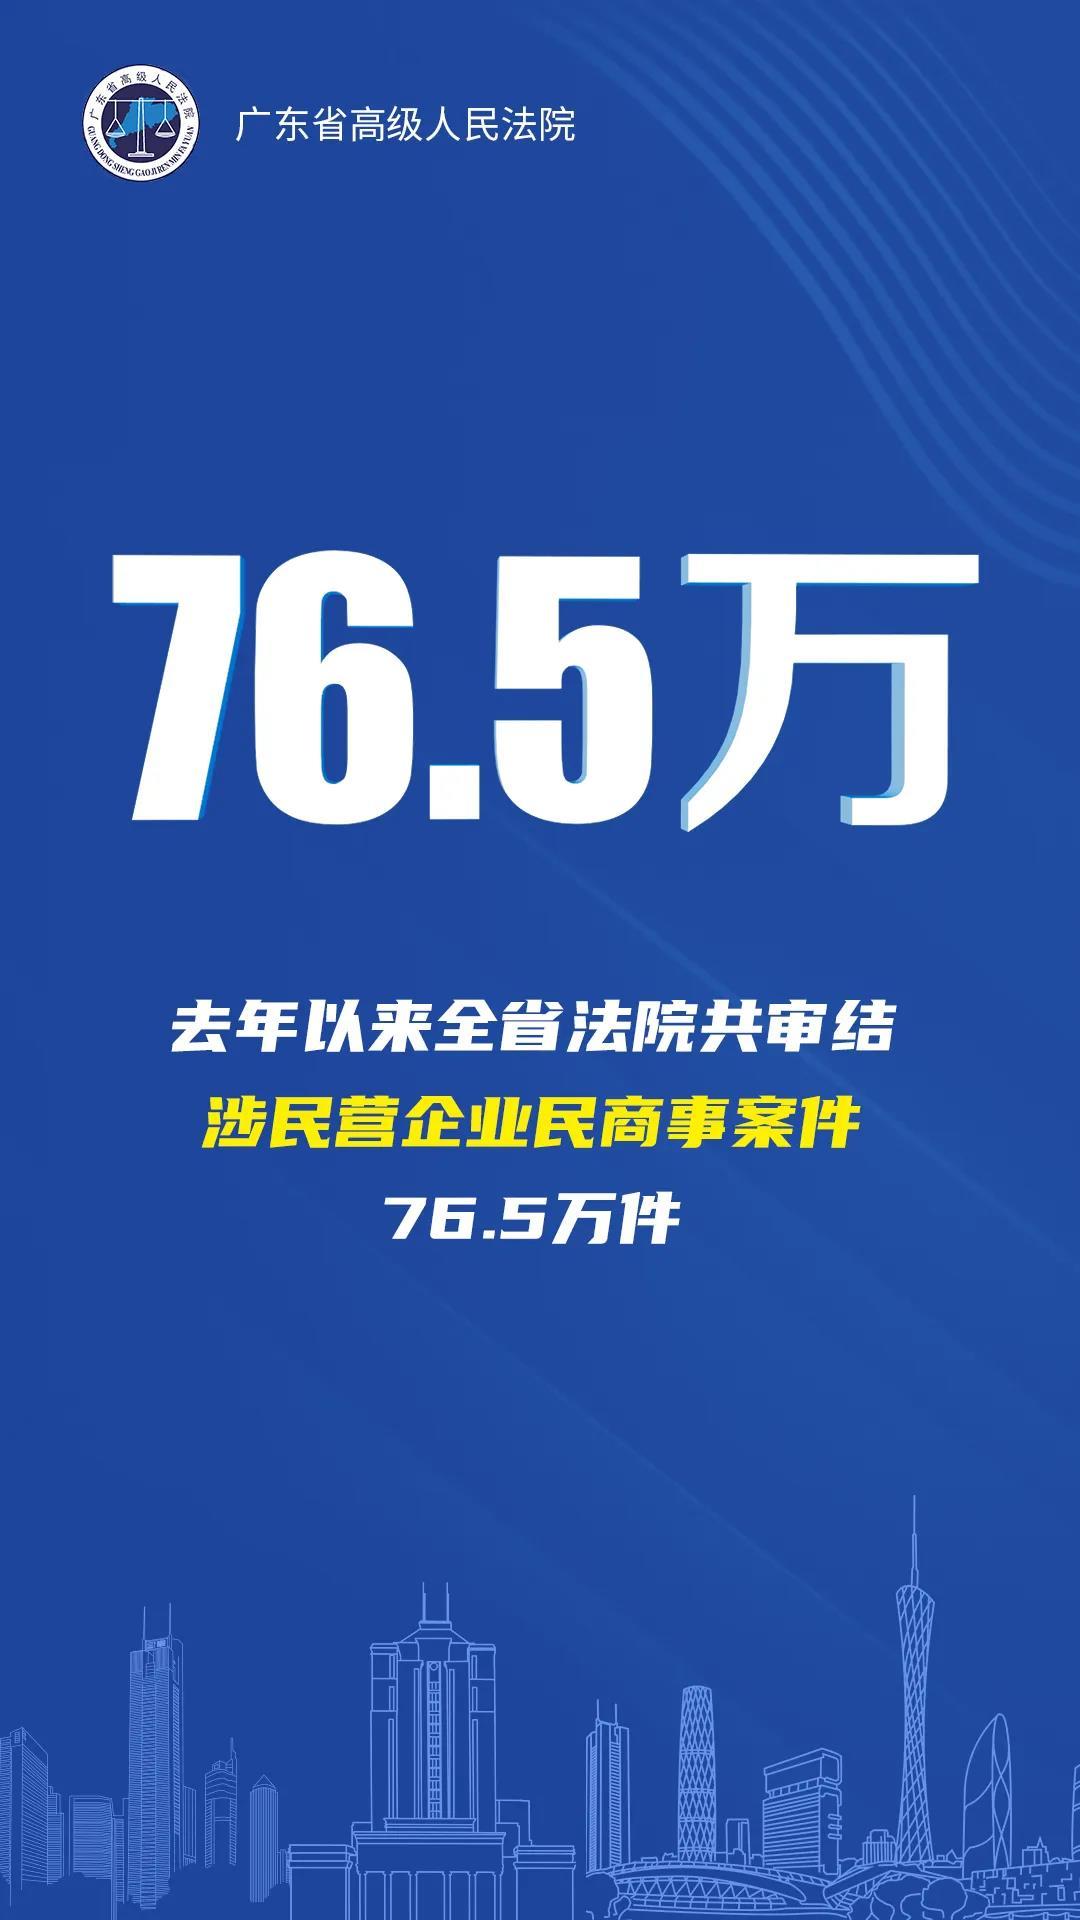 广东高院发布服务保障民营企业健康发展典型案例